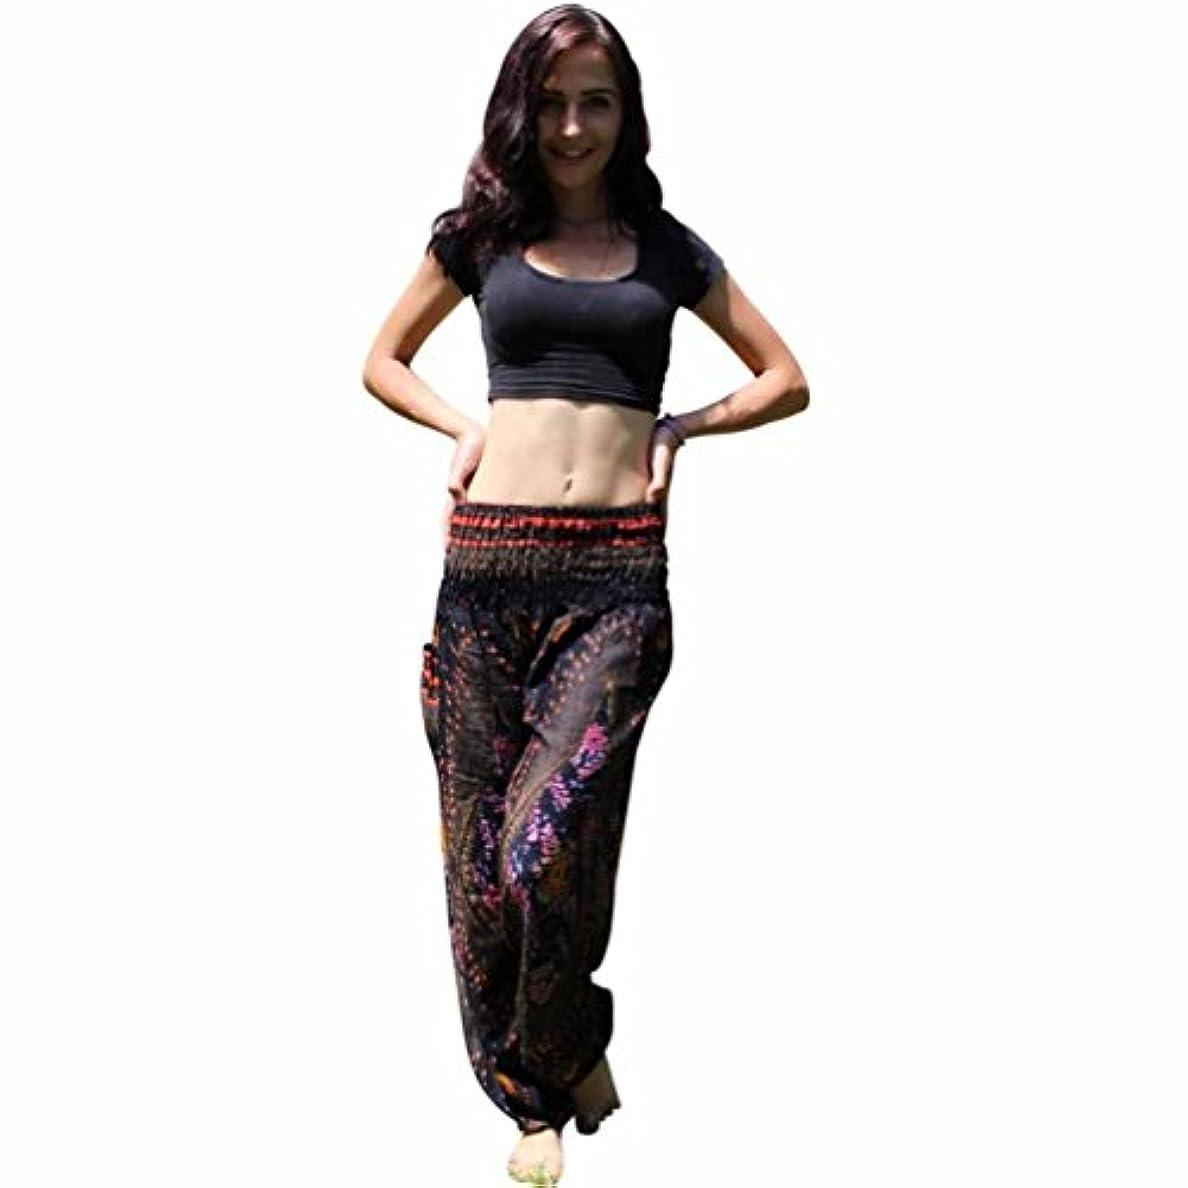 仲介者コンピューターこんにちはMhomzawa パンツ男性女性タイのハレムのズボンフェスティバルヒッピーのスモックハイウエストのパンツのタイハーレムヨガ?パンツ